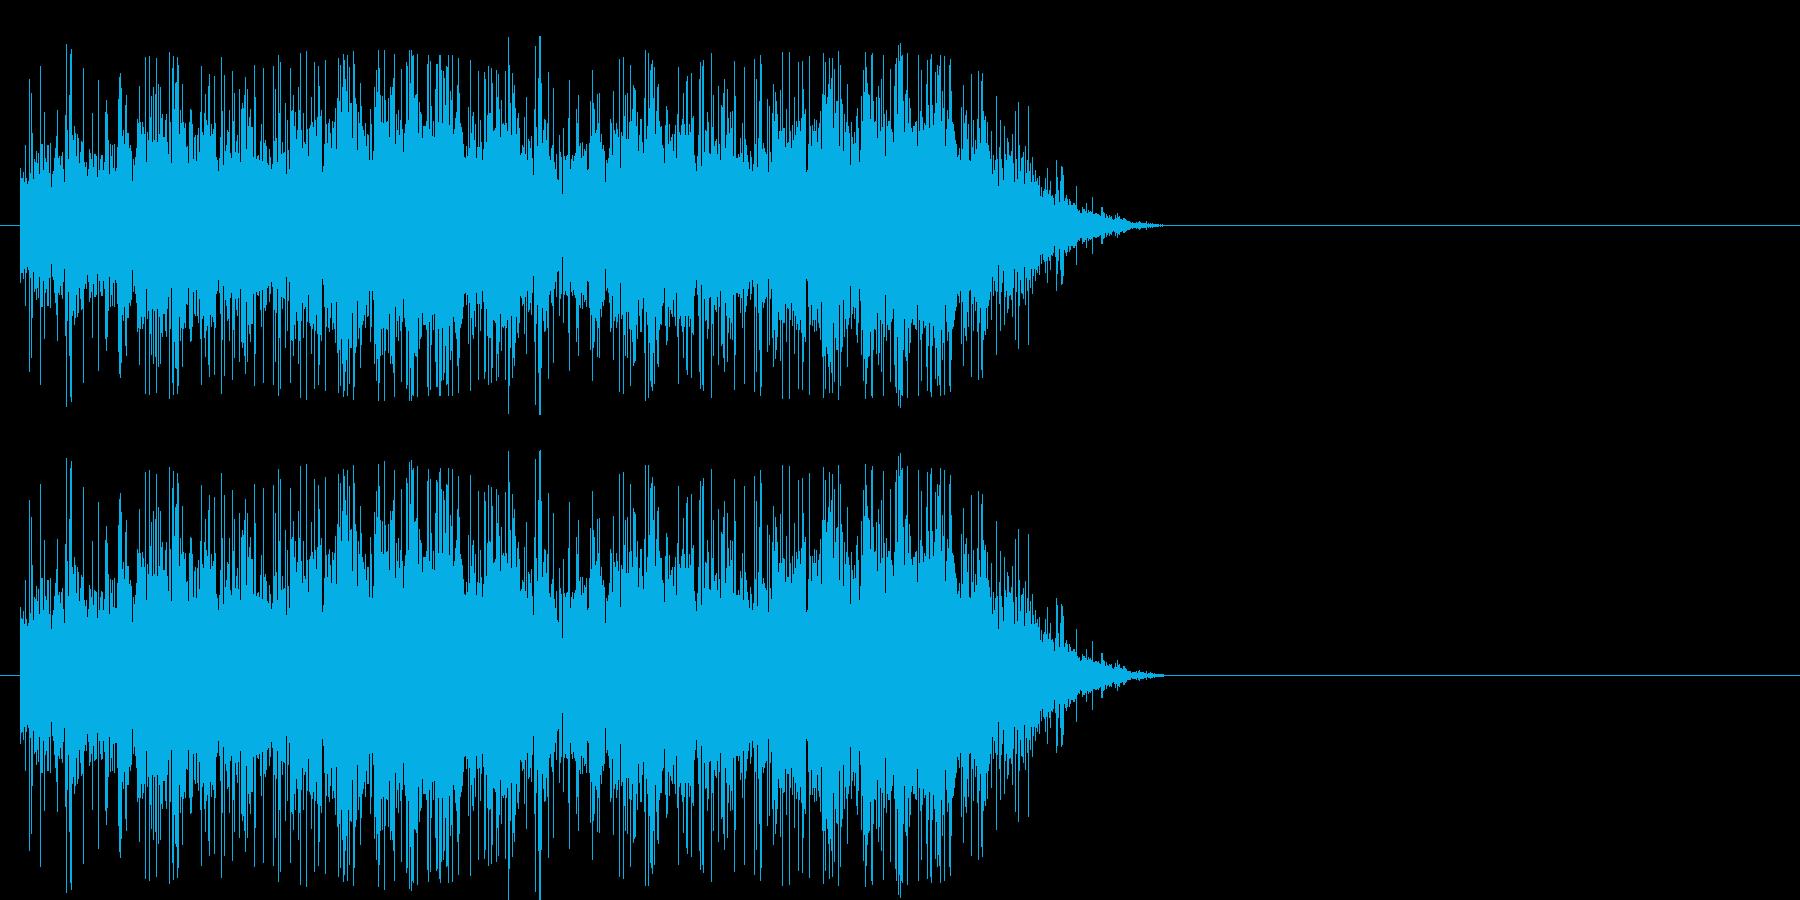 場面 歓声の再生済みの波形